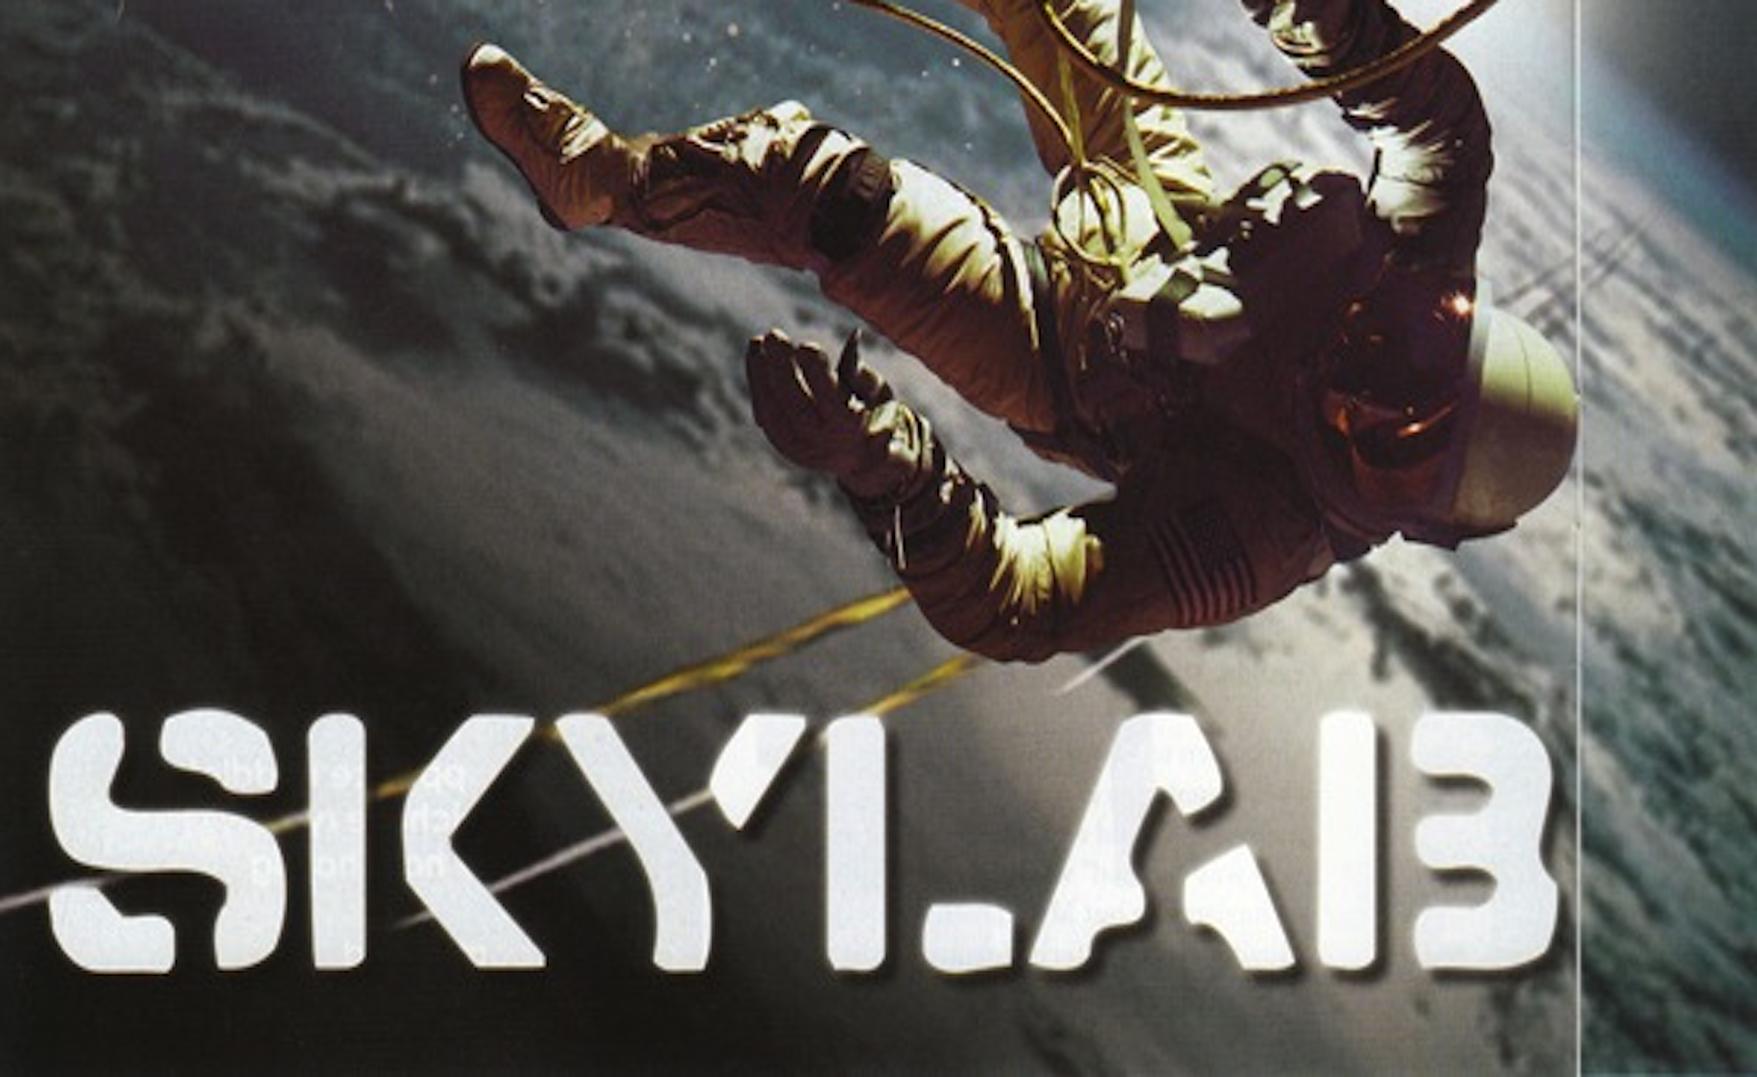 skylab space station crash - photo #35